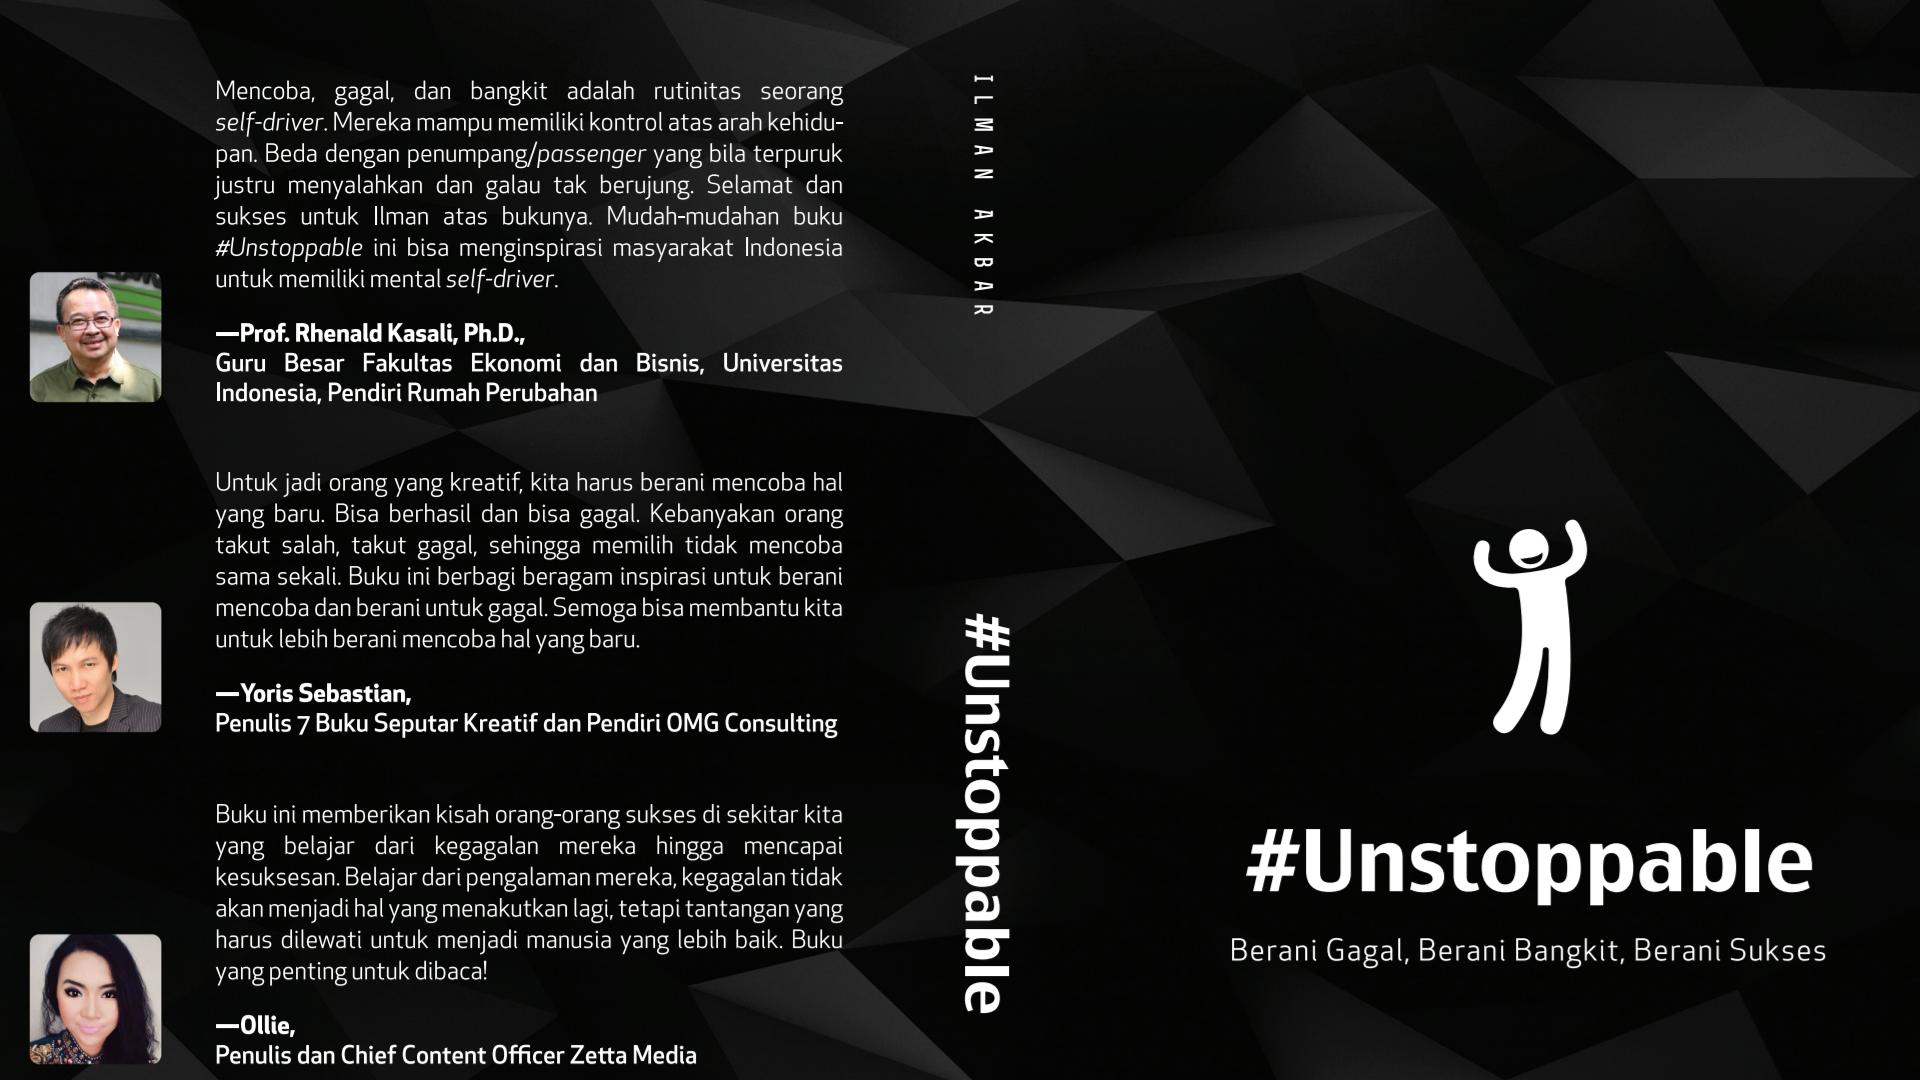 Cover Unstoppable: Berani Gagal, Berani Bangkit, Berani Sukses